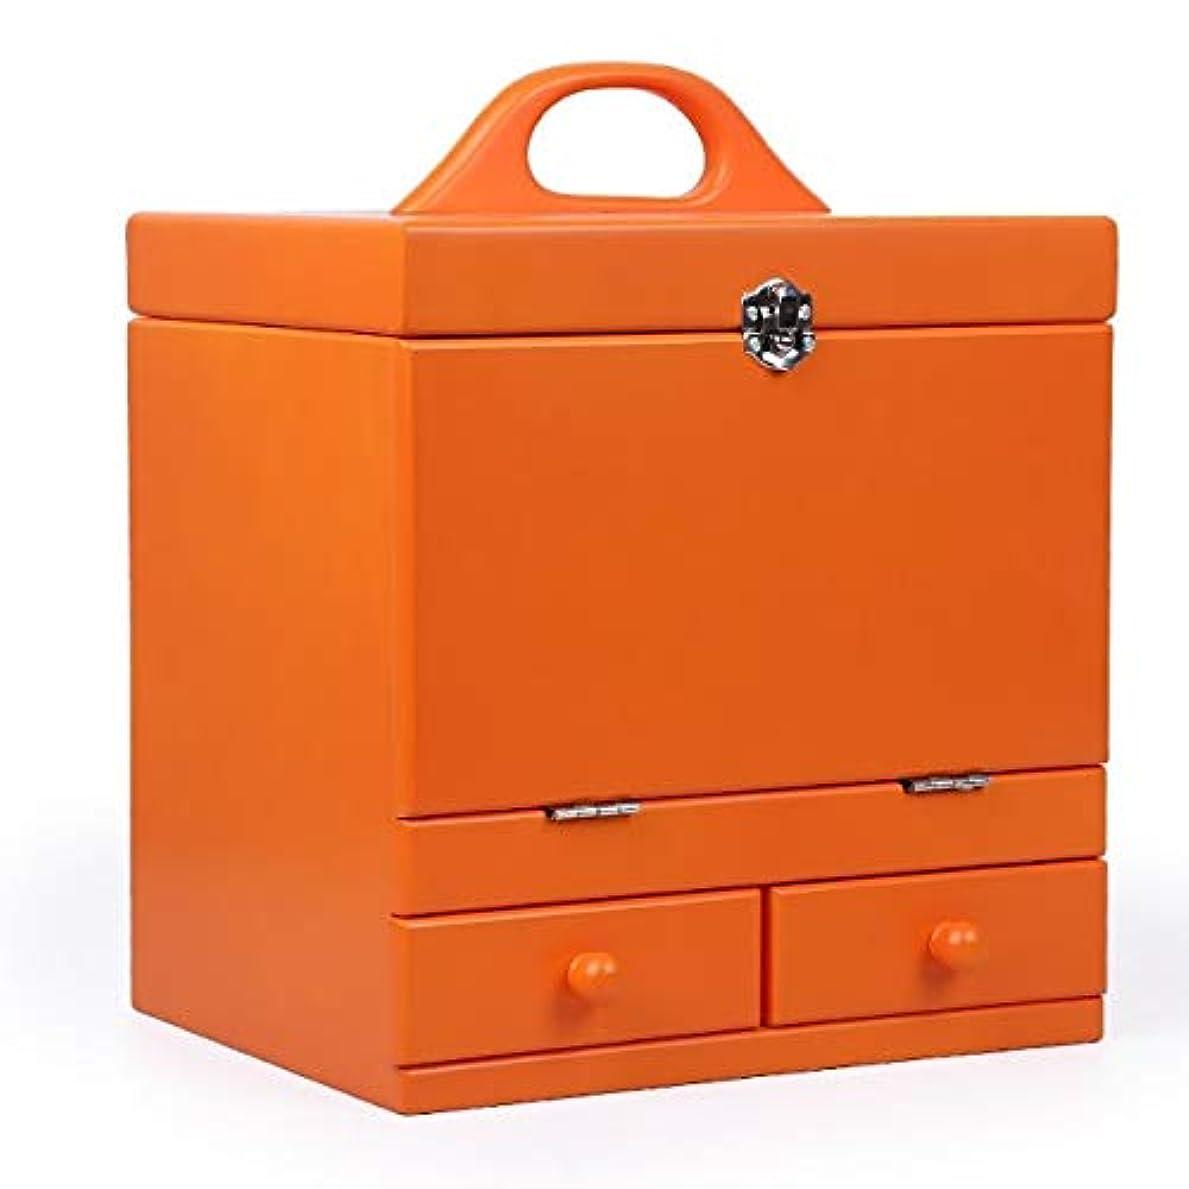 息苦しい山岳ぐったり化粧箱、オレンジ二重デッキヴィンテージ木製彫刻化粧品ケース、ミラー、高級ウェディングギフト、新築祝いギフト、美容ネイルジュエリー収納ボックス